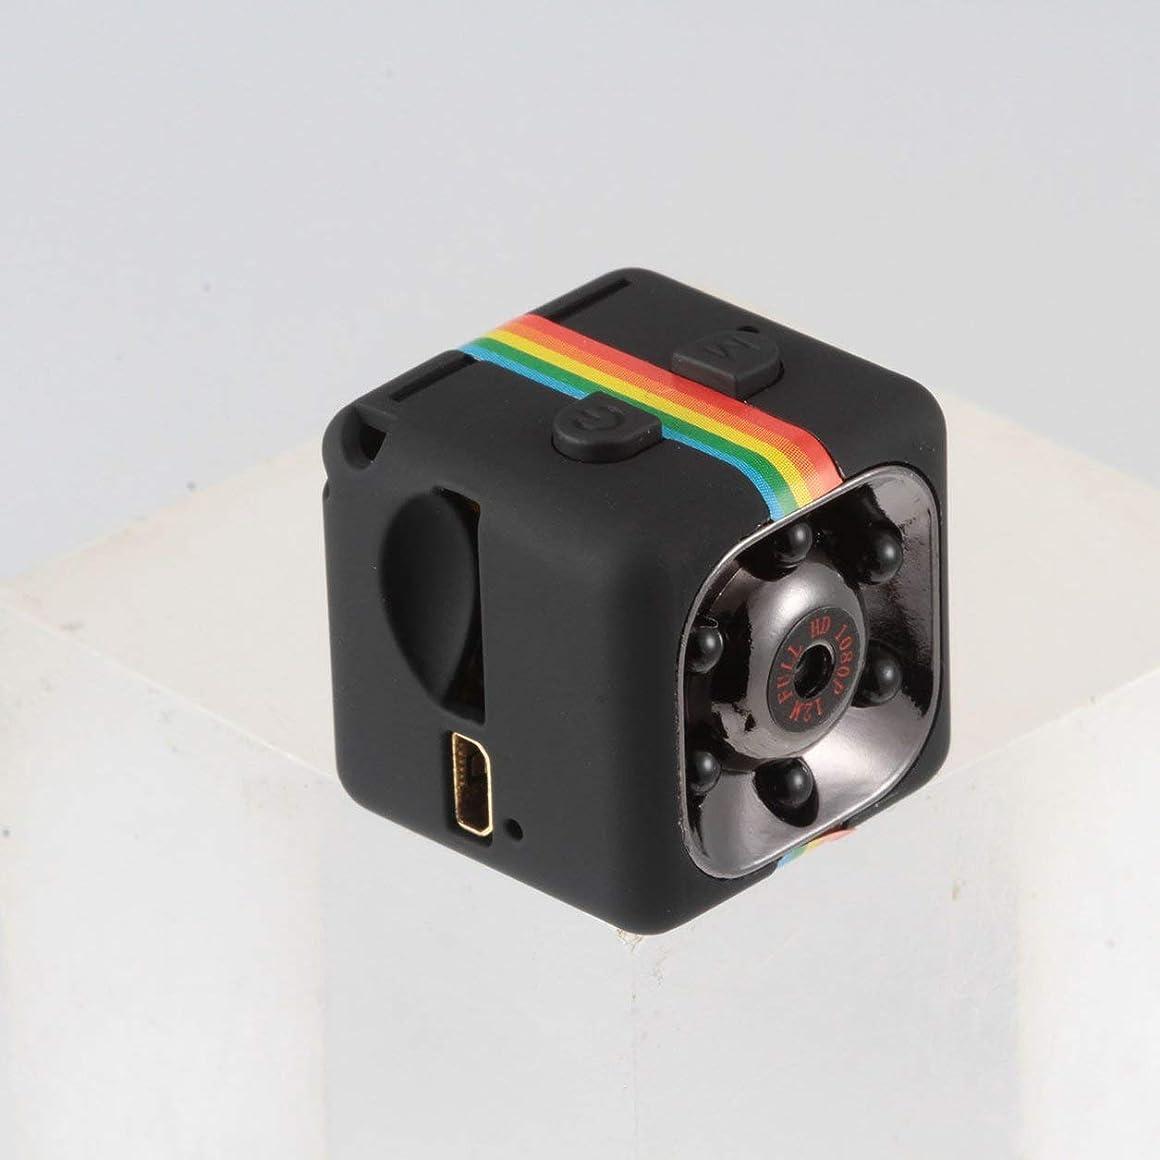 耐えられるファンシースキップSQ11車ミニDVRカメラHDビデオカメラCMOS 1080Pナイトビジョンビデオレコーダー